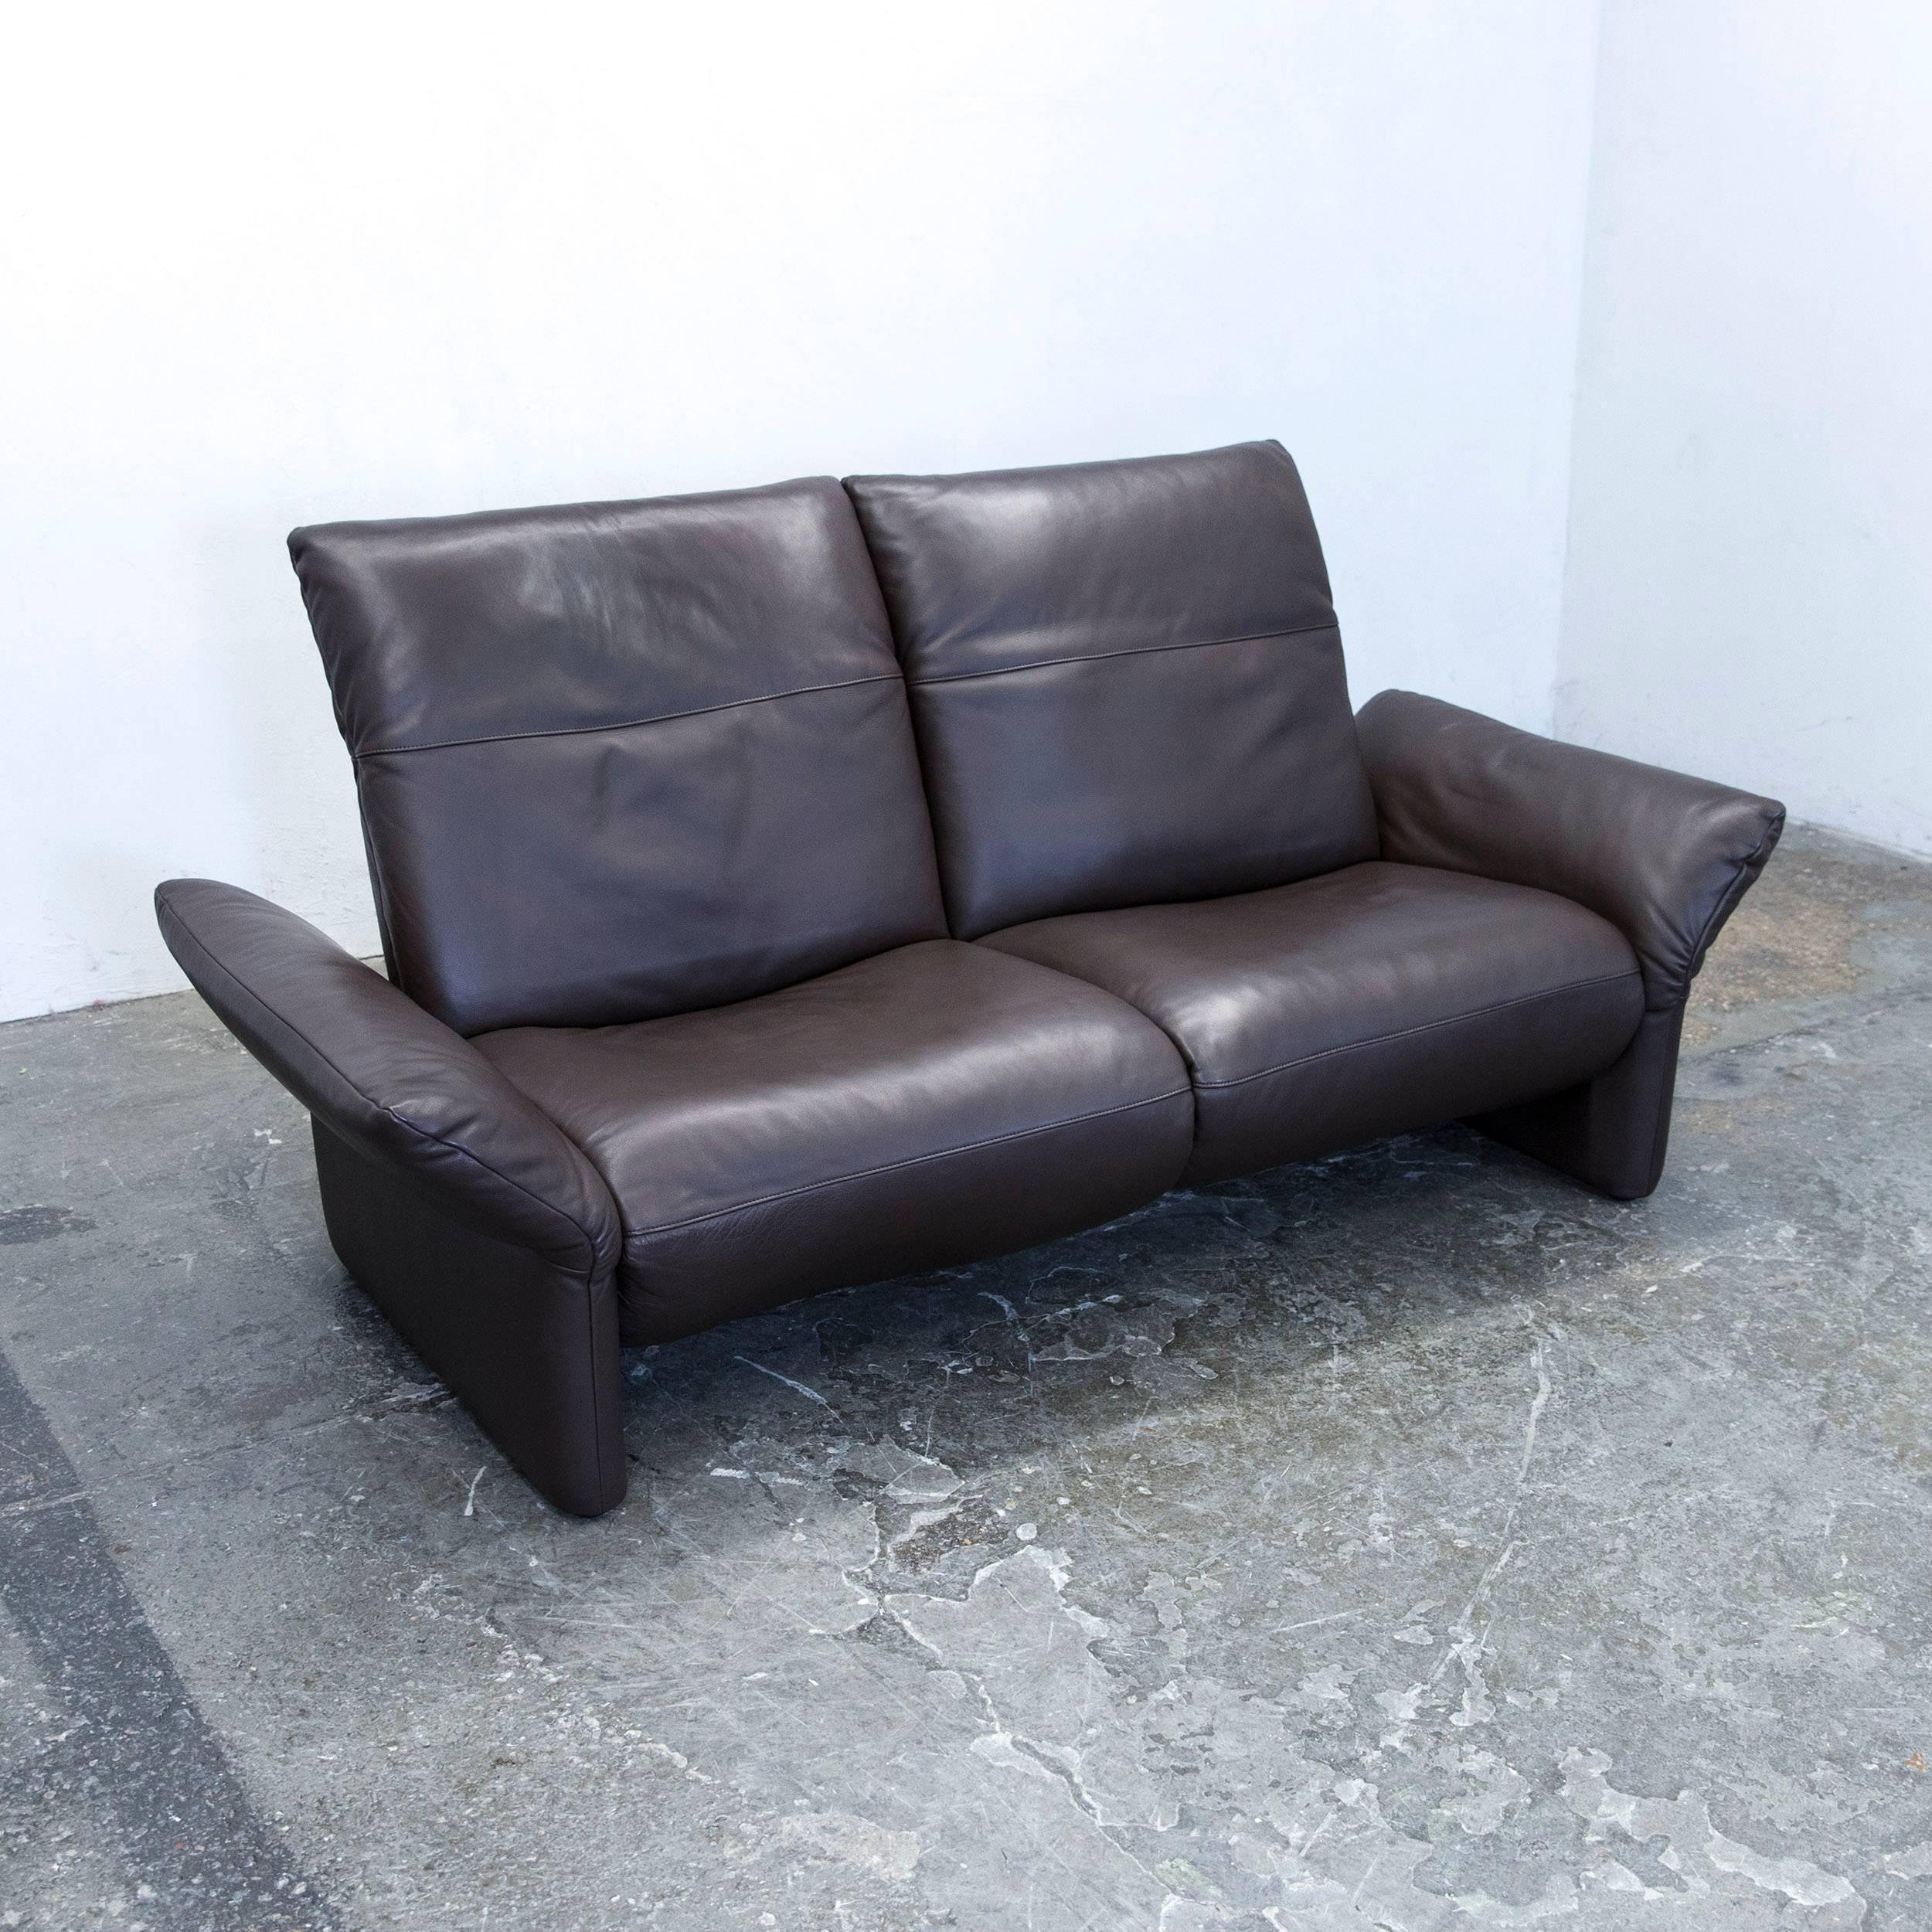 couch kaufen couch kaufen with couch kaufen cool sofa mit gebraucht kaufen www napma net with. Black Bedroom Furniture Sets. Home Design Ideas